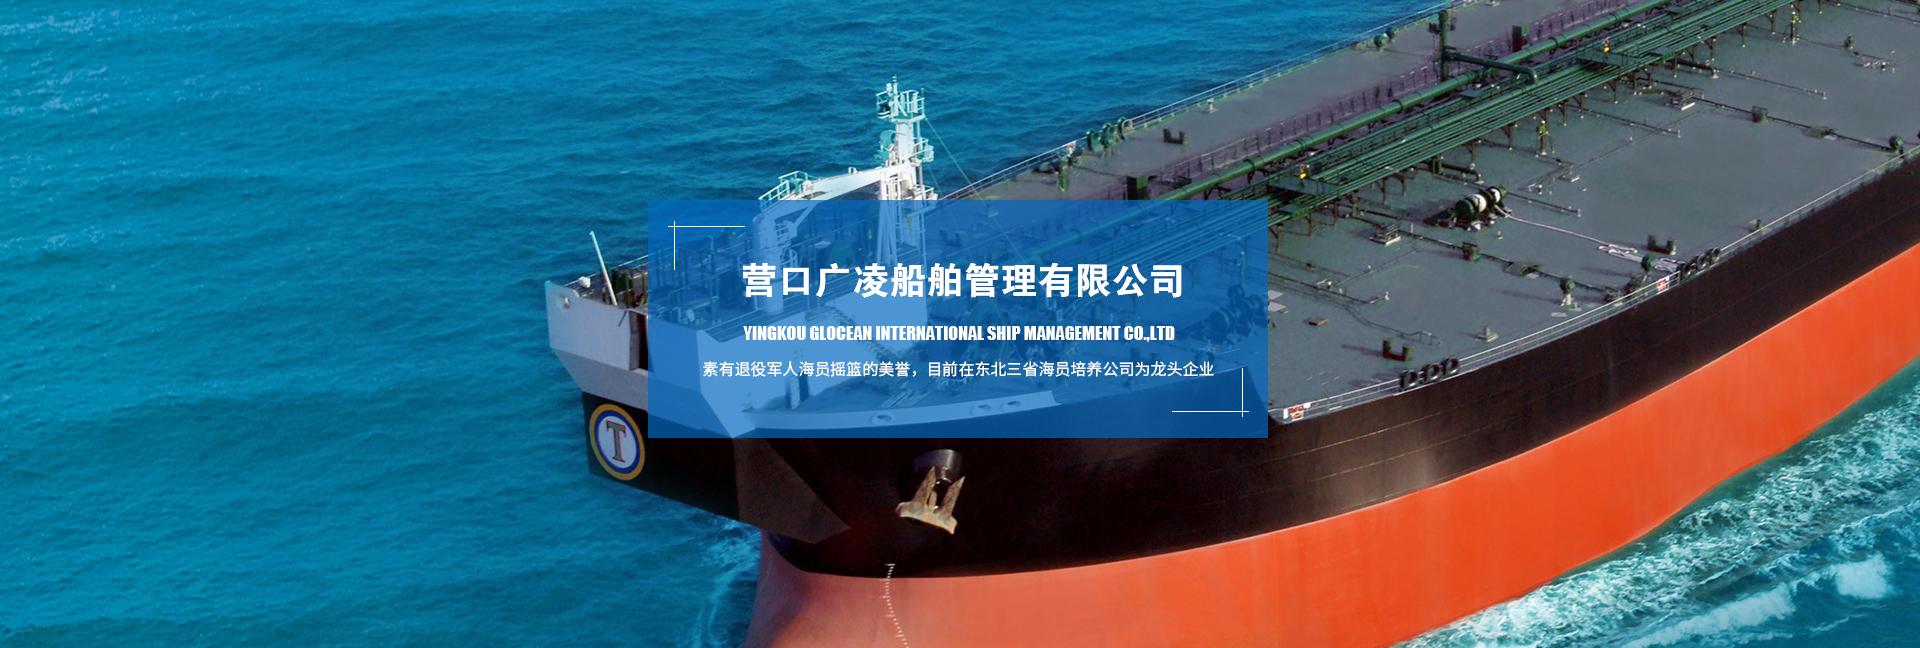 http://www.glocean.cn/data/upload/202005/20200506152035_366.jpg